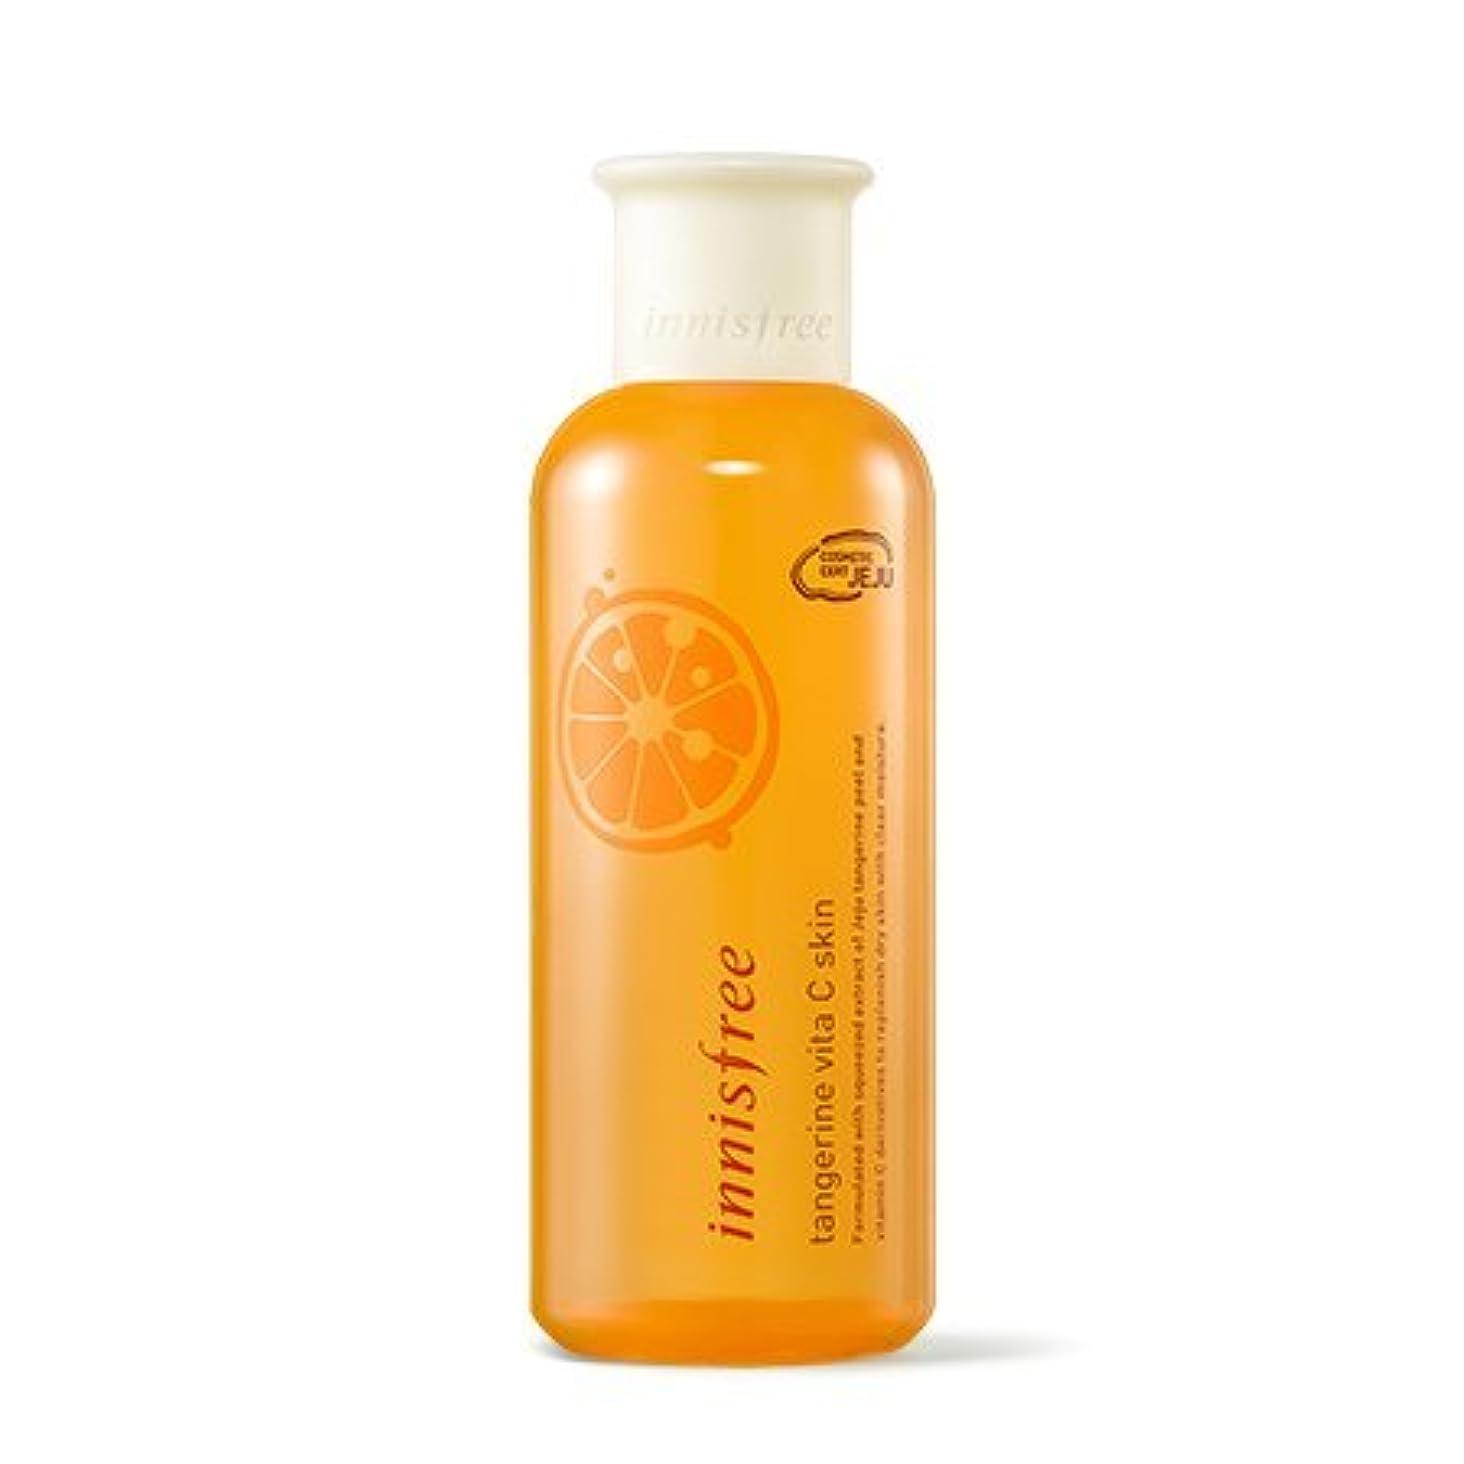 リクルート北ゴシップ[New] innisfree Tangerine Vita C Skin 200ml/イニスフリー タンジェリン ビタ C スキン 200ml [並行輸入品]